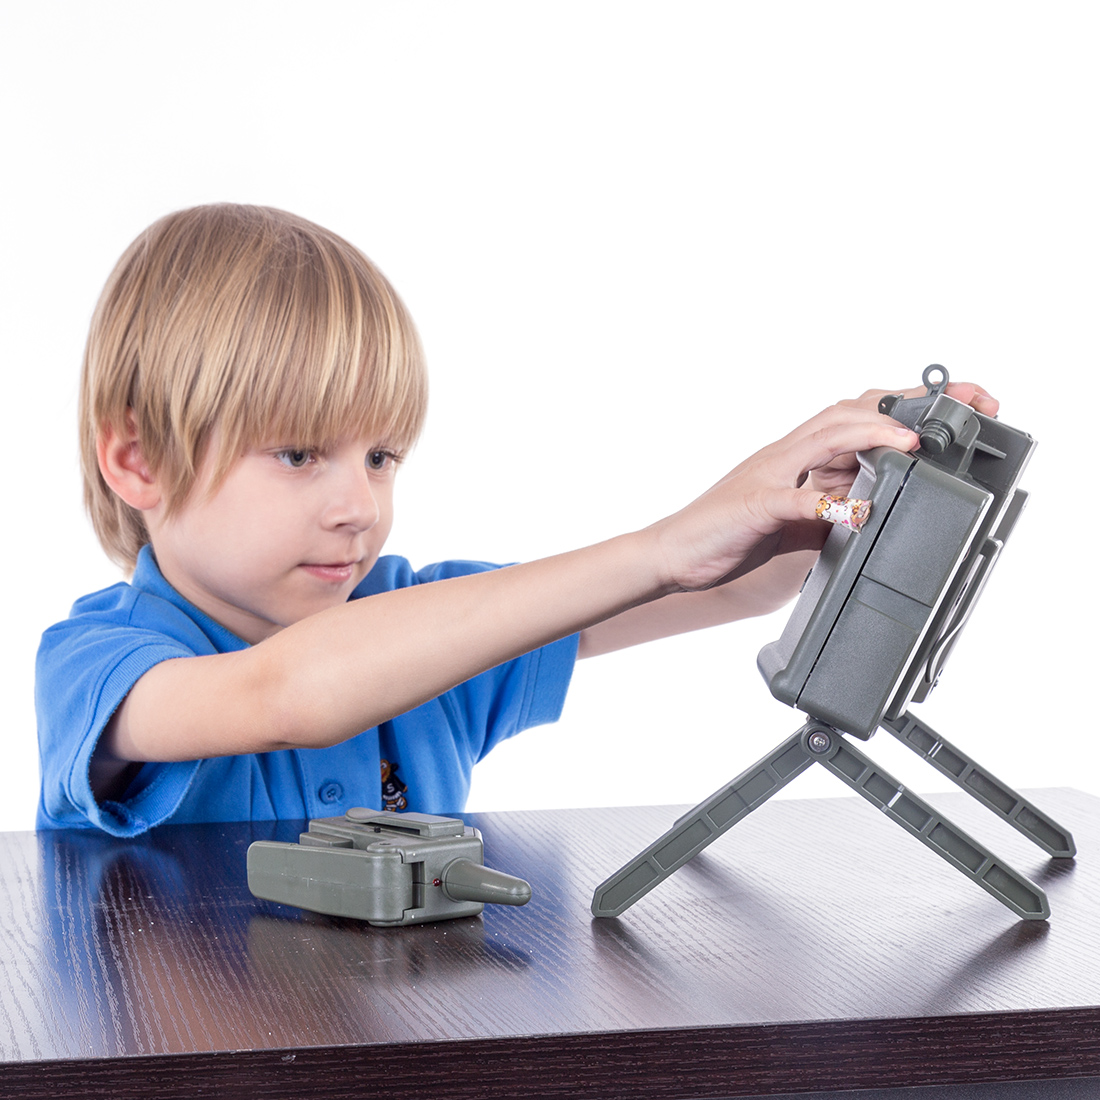 cheap armas brinquedo 01